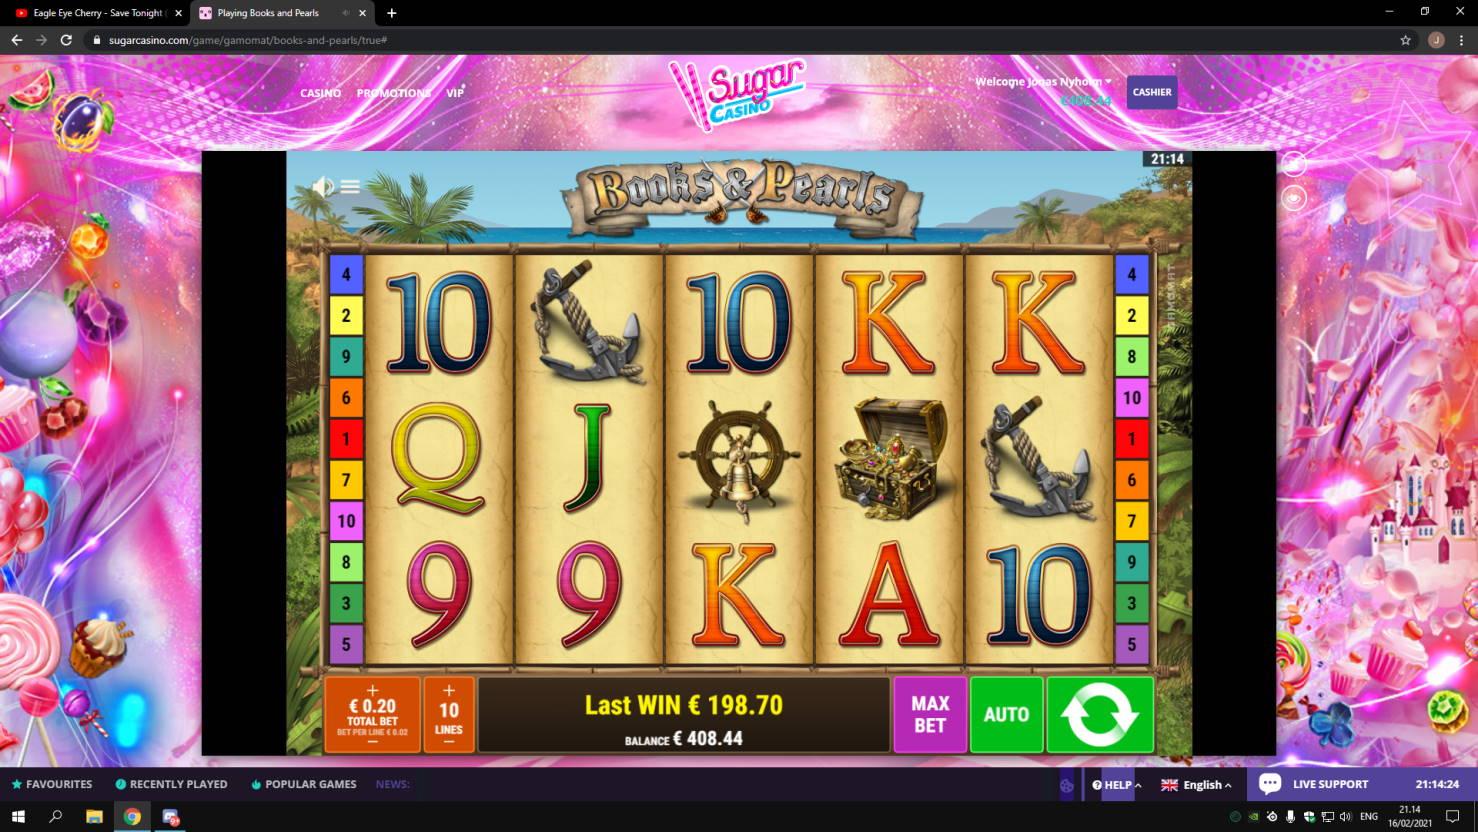 Book and Pearls Casino win picture by jonkki 16.2.2021 198.70e 994X Sugar Casino